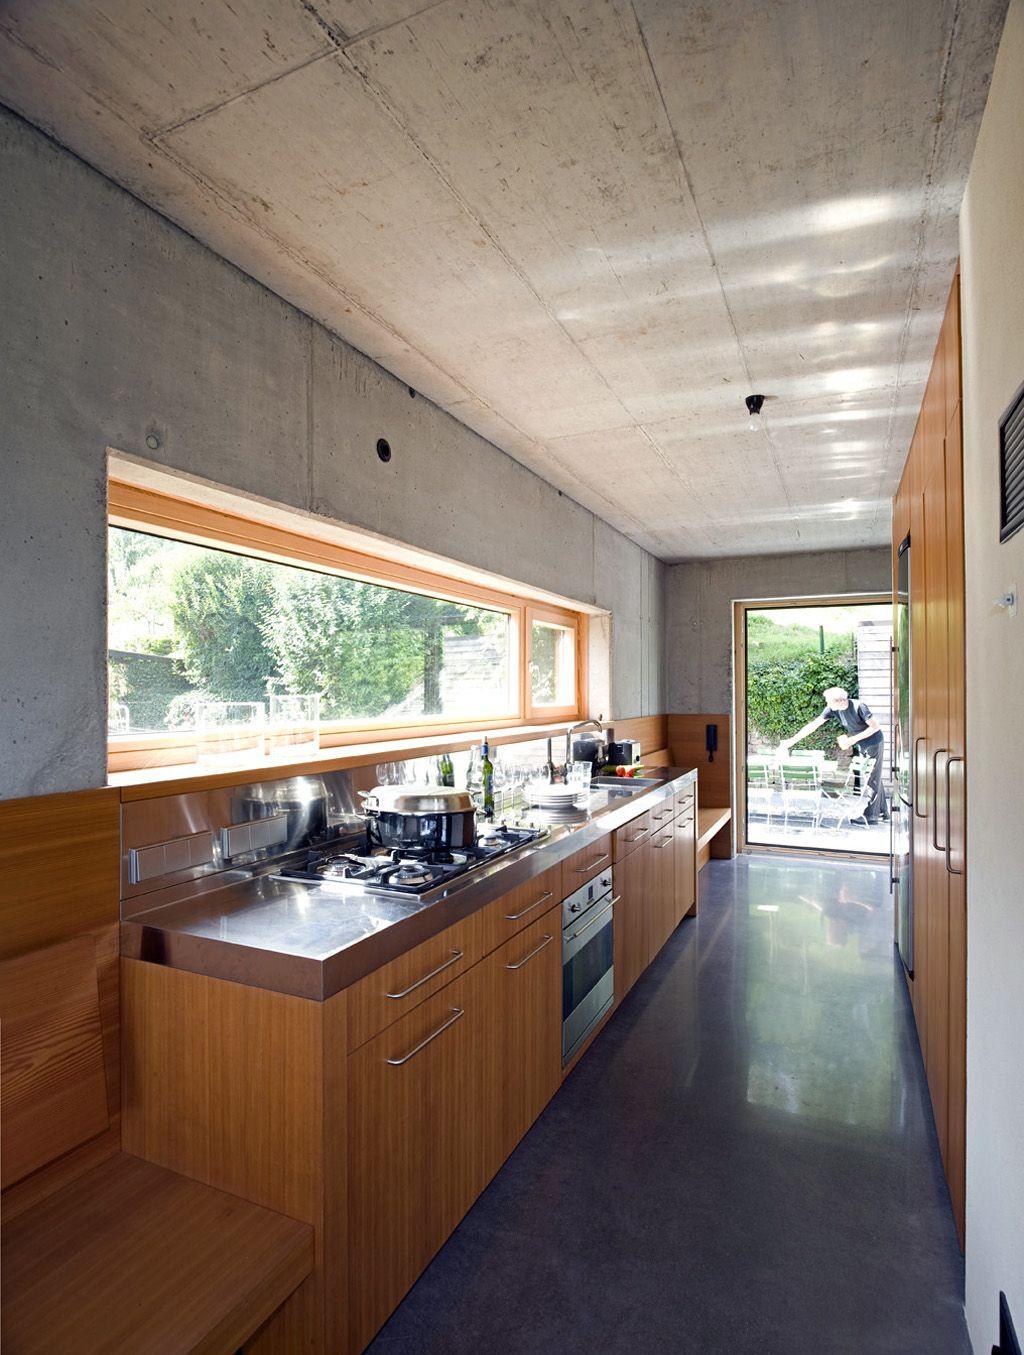 kreativ geplant mit hang zum gl ck neubau hausideen so wollen wir bauen kitchen. Black Bedroom Furniture Sets. Home Design Ideas